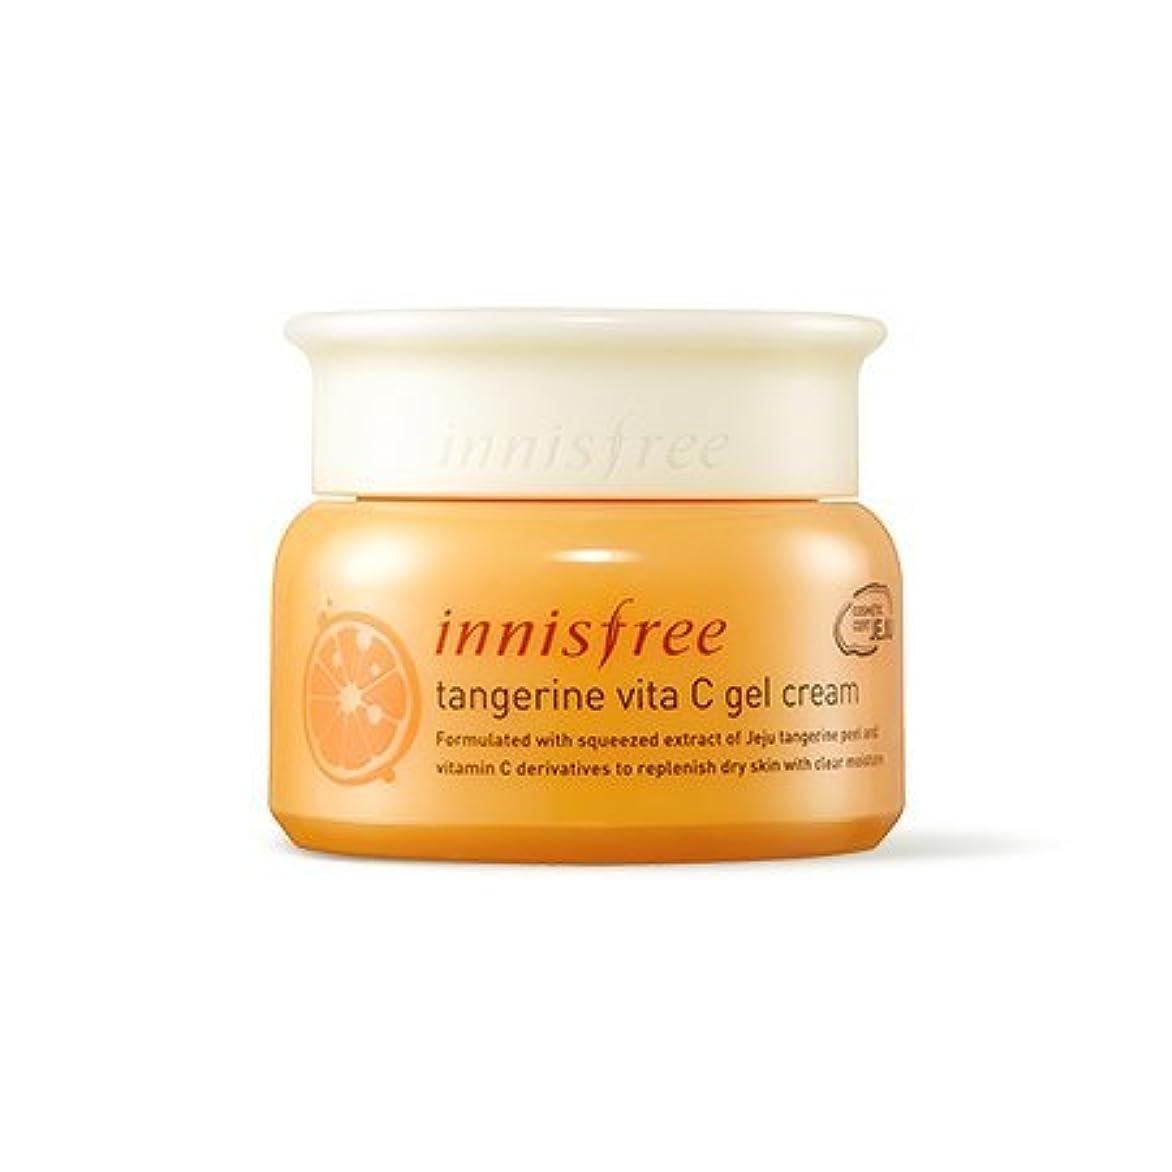 コンセンサス発掘眠り[New] innisfree Tangerine Vita C Gel Cream 50ml/イニスフリー タンジェリン ビタ C ジェル クリーム 50ml [並行輸入品]